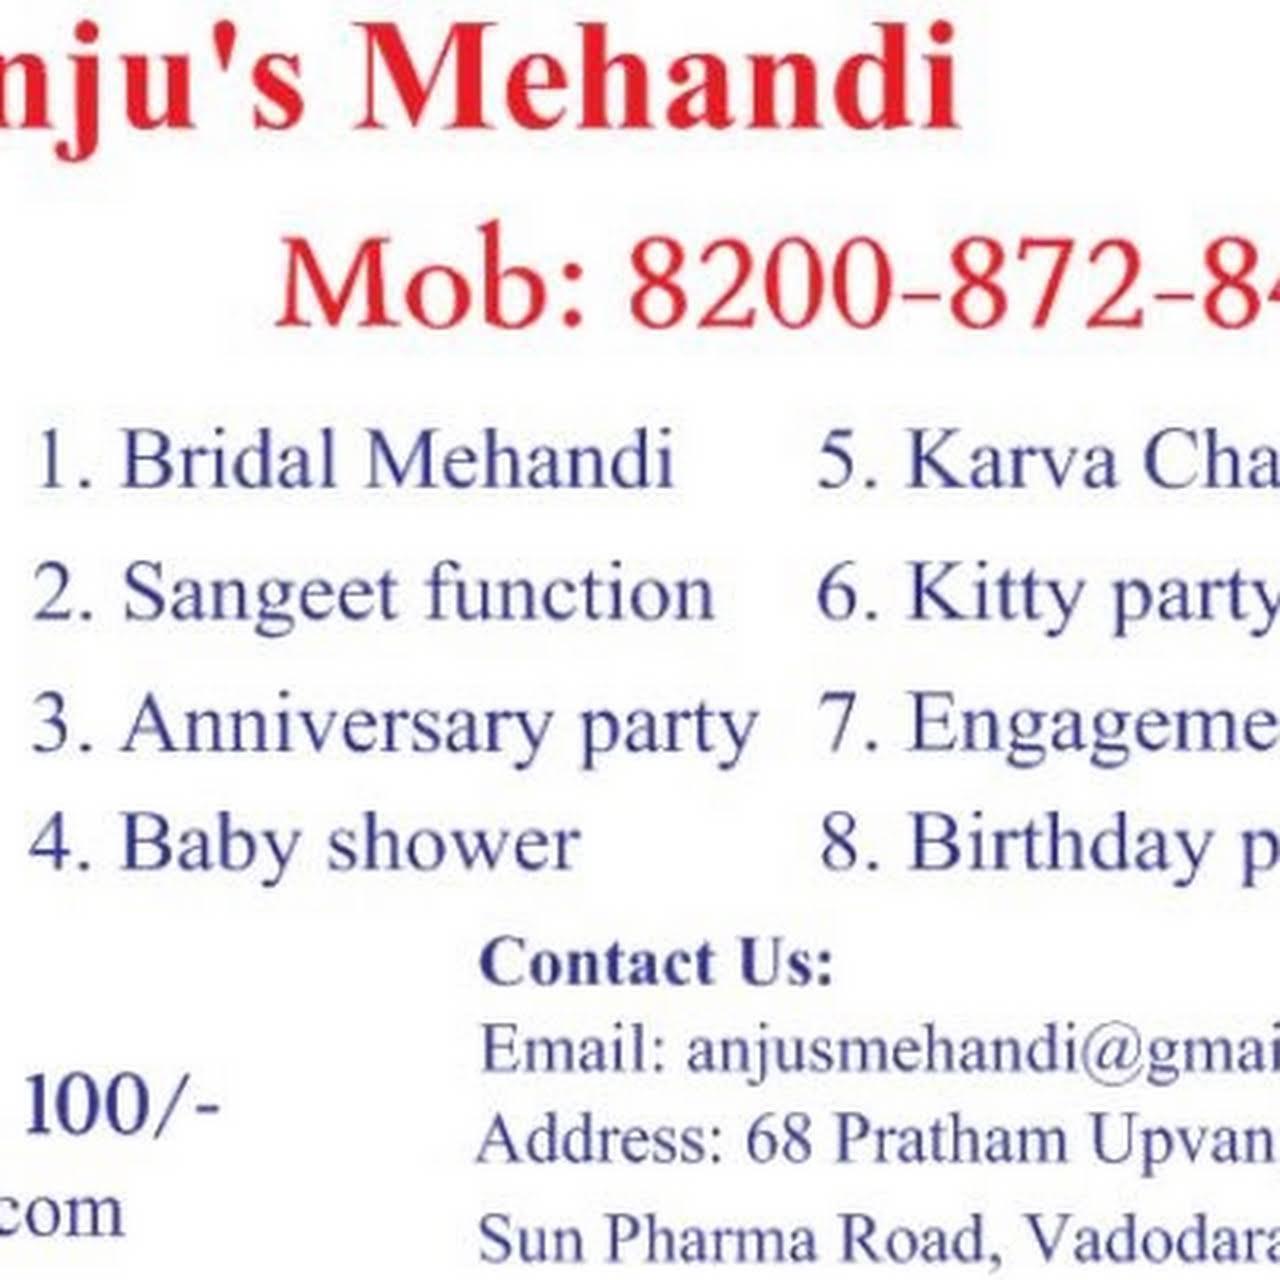 Anju's Mehandi - Mehandi design and classes in Vadodara